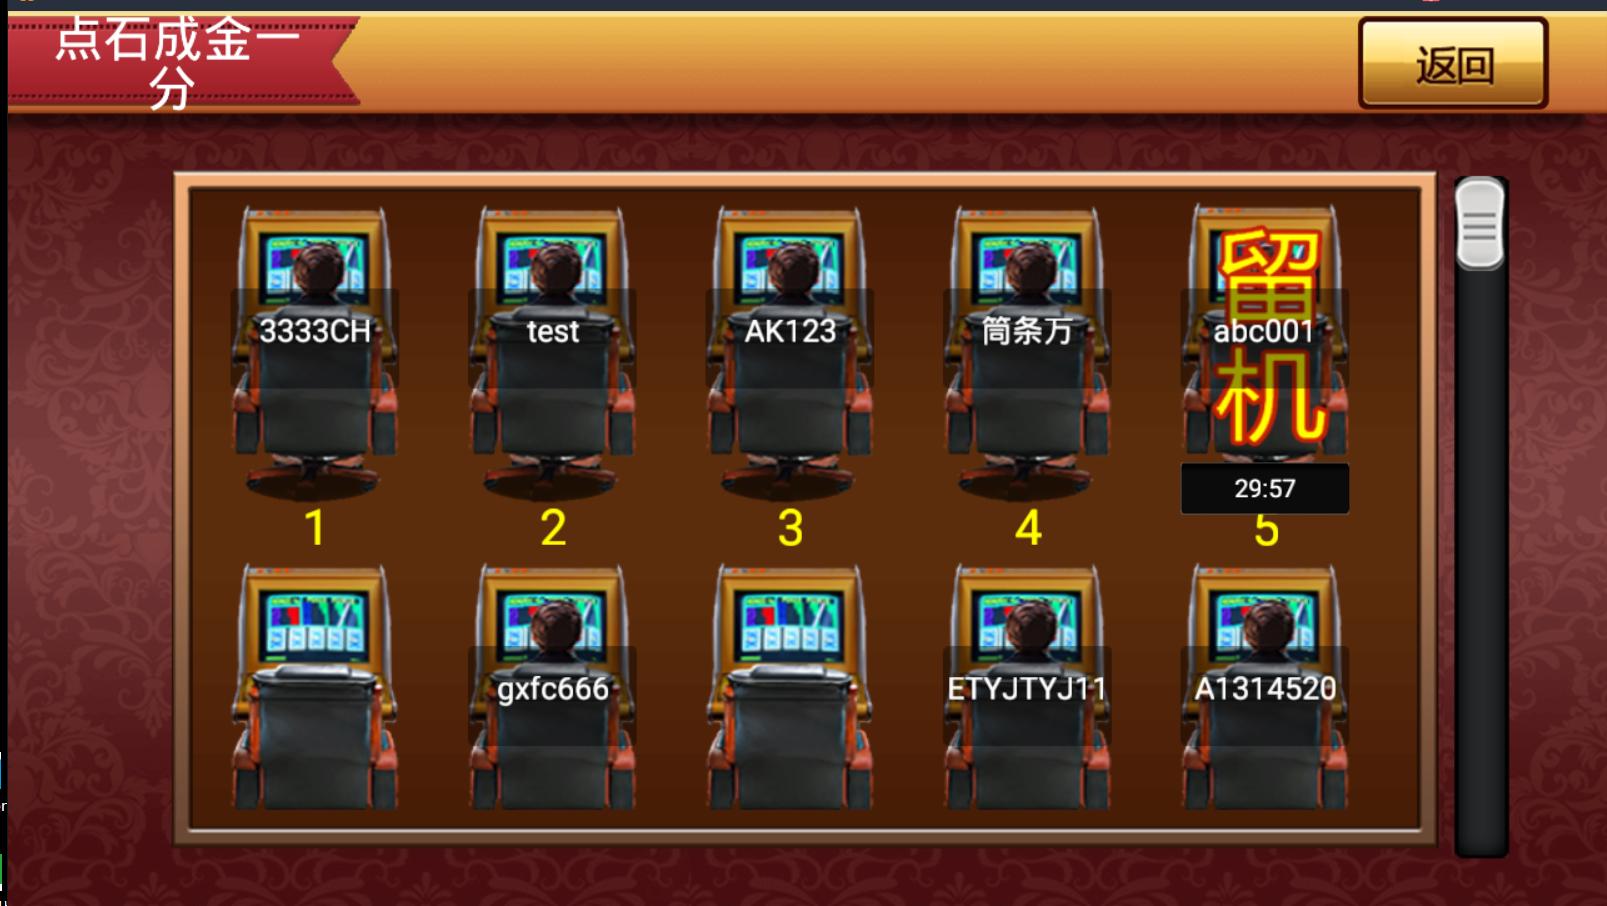 单款ATT翻牌机-JAVA版本运营级-第9张